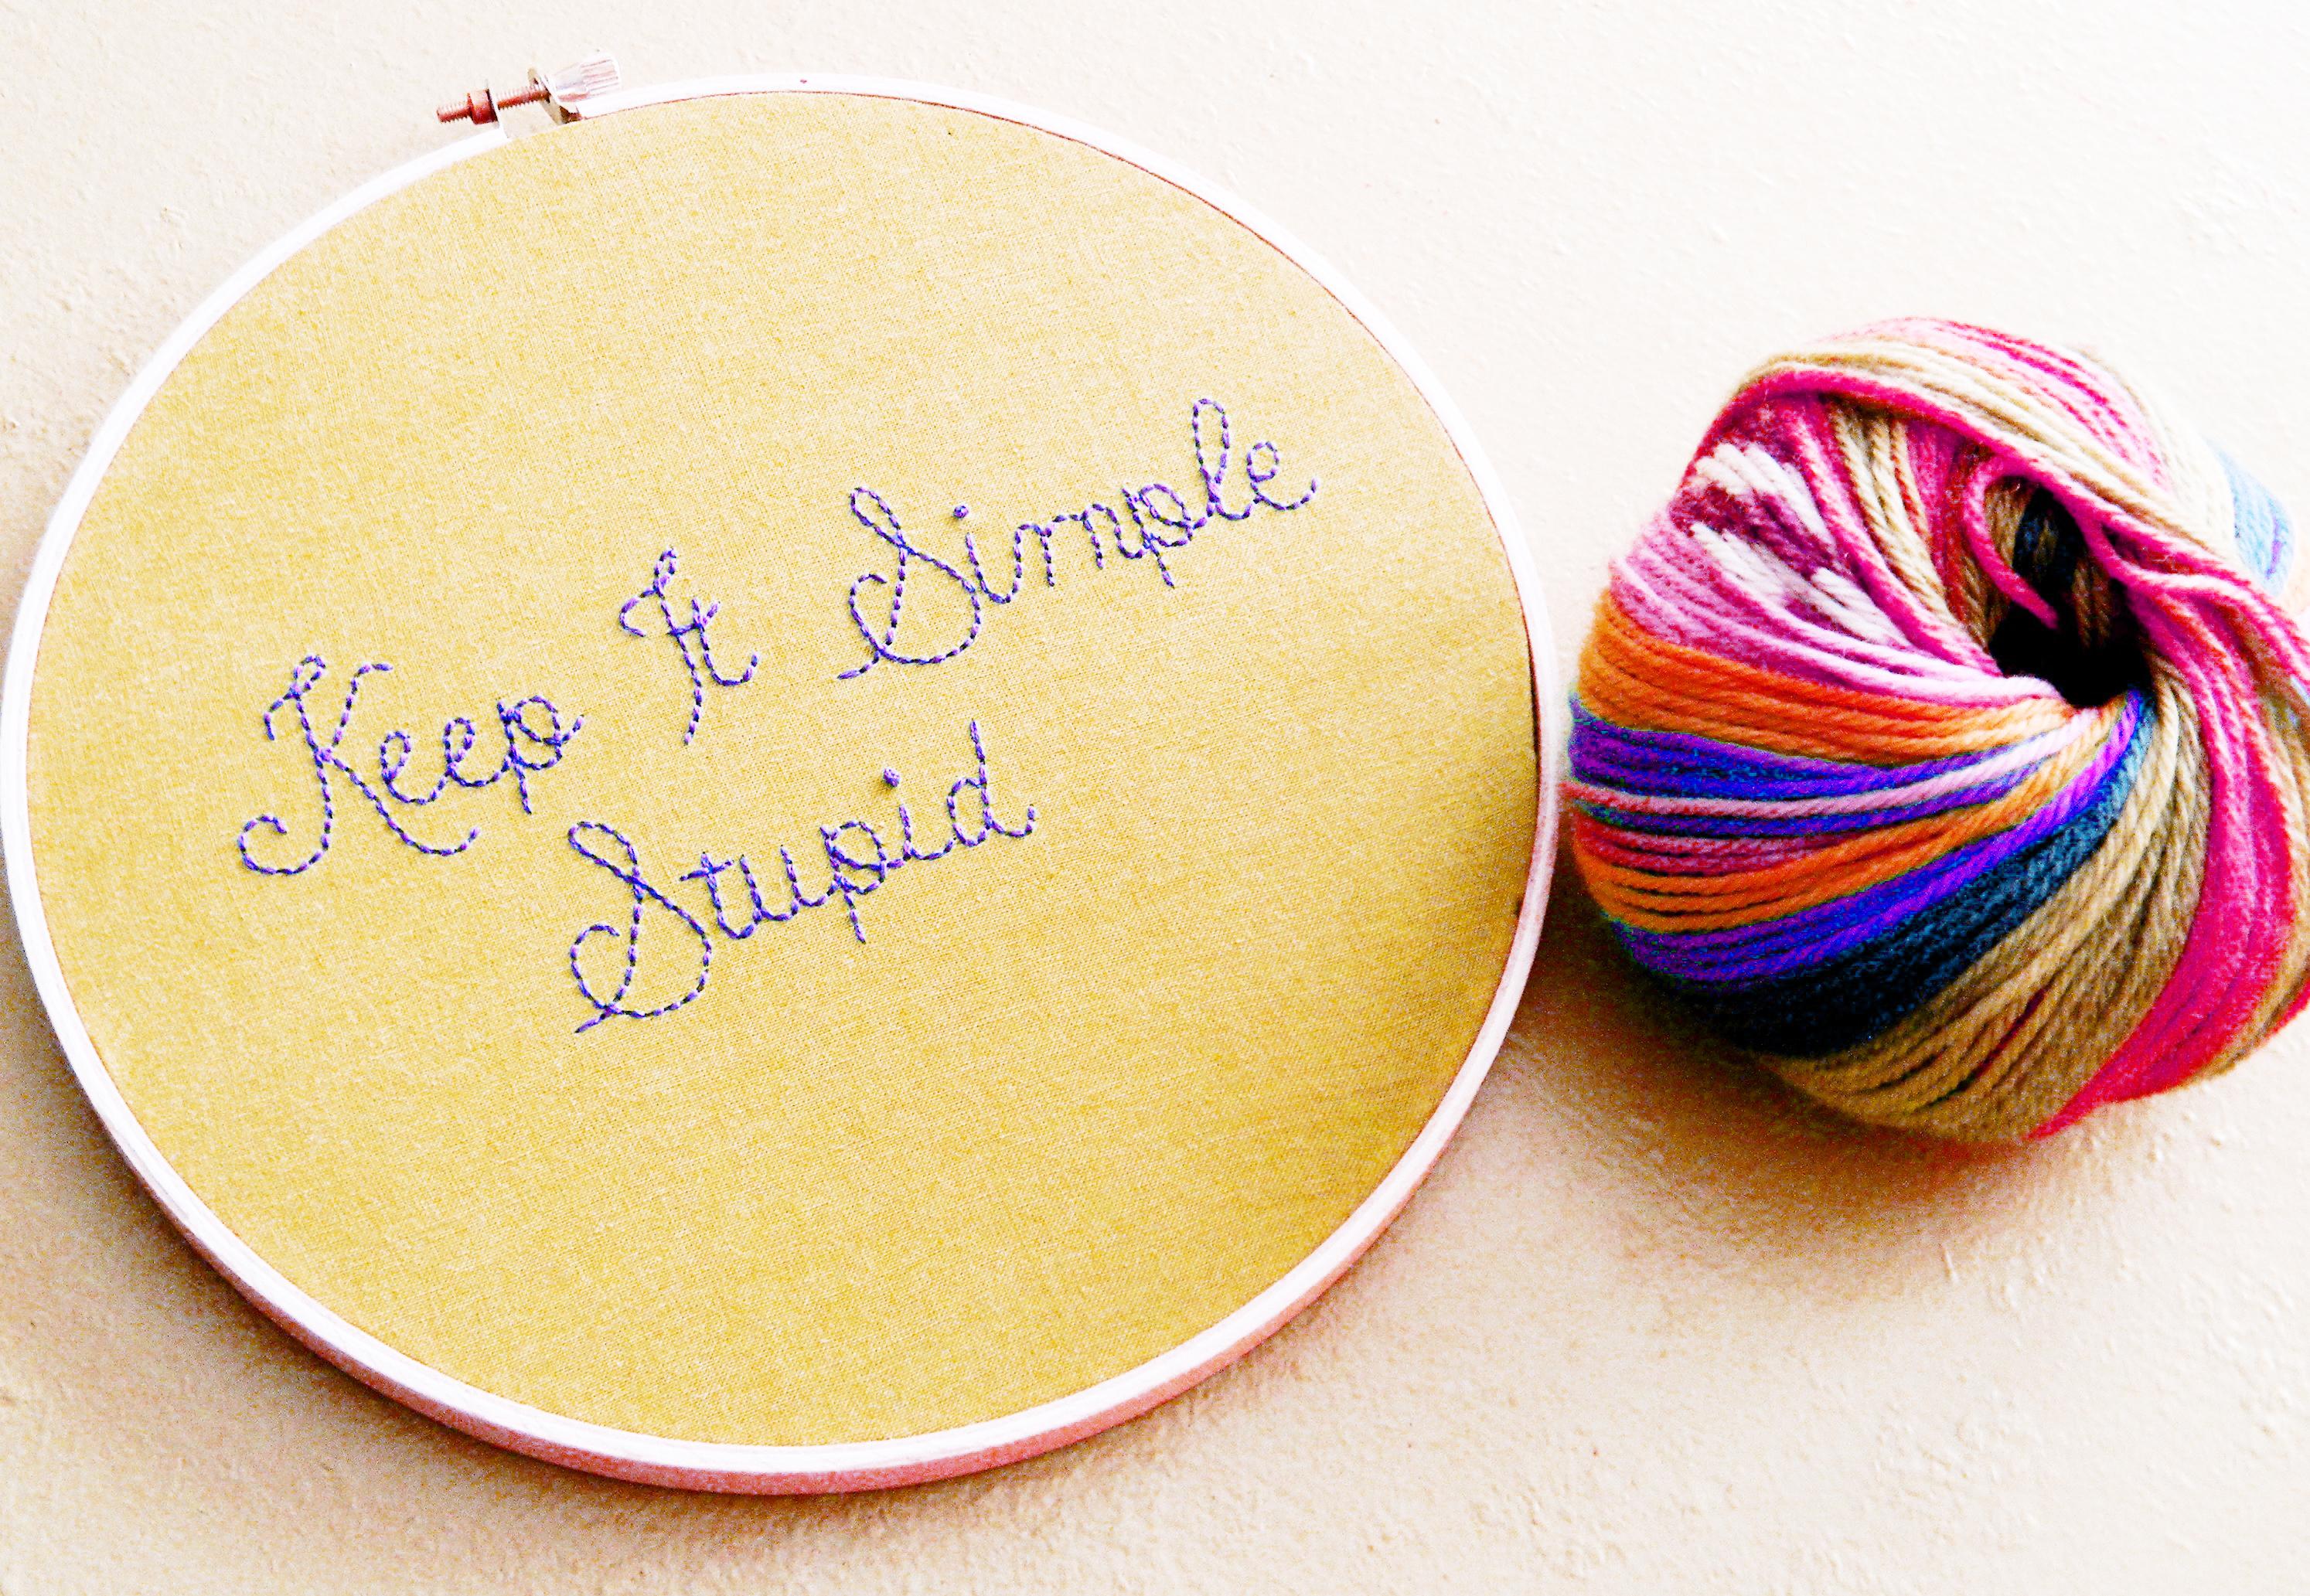 Keep it Simple, Stupid!